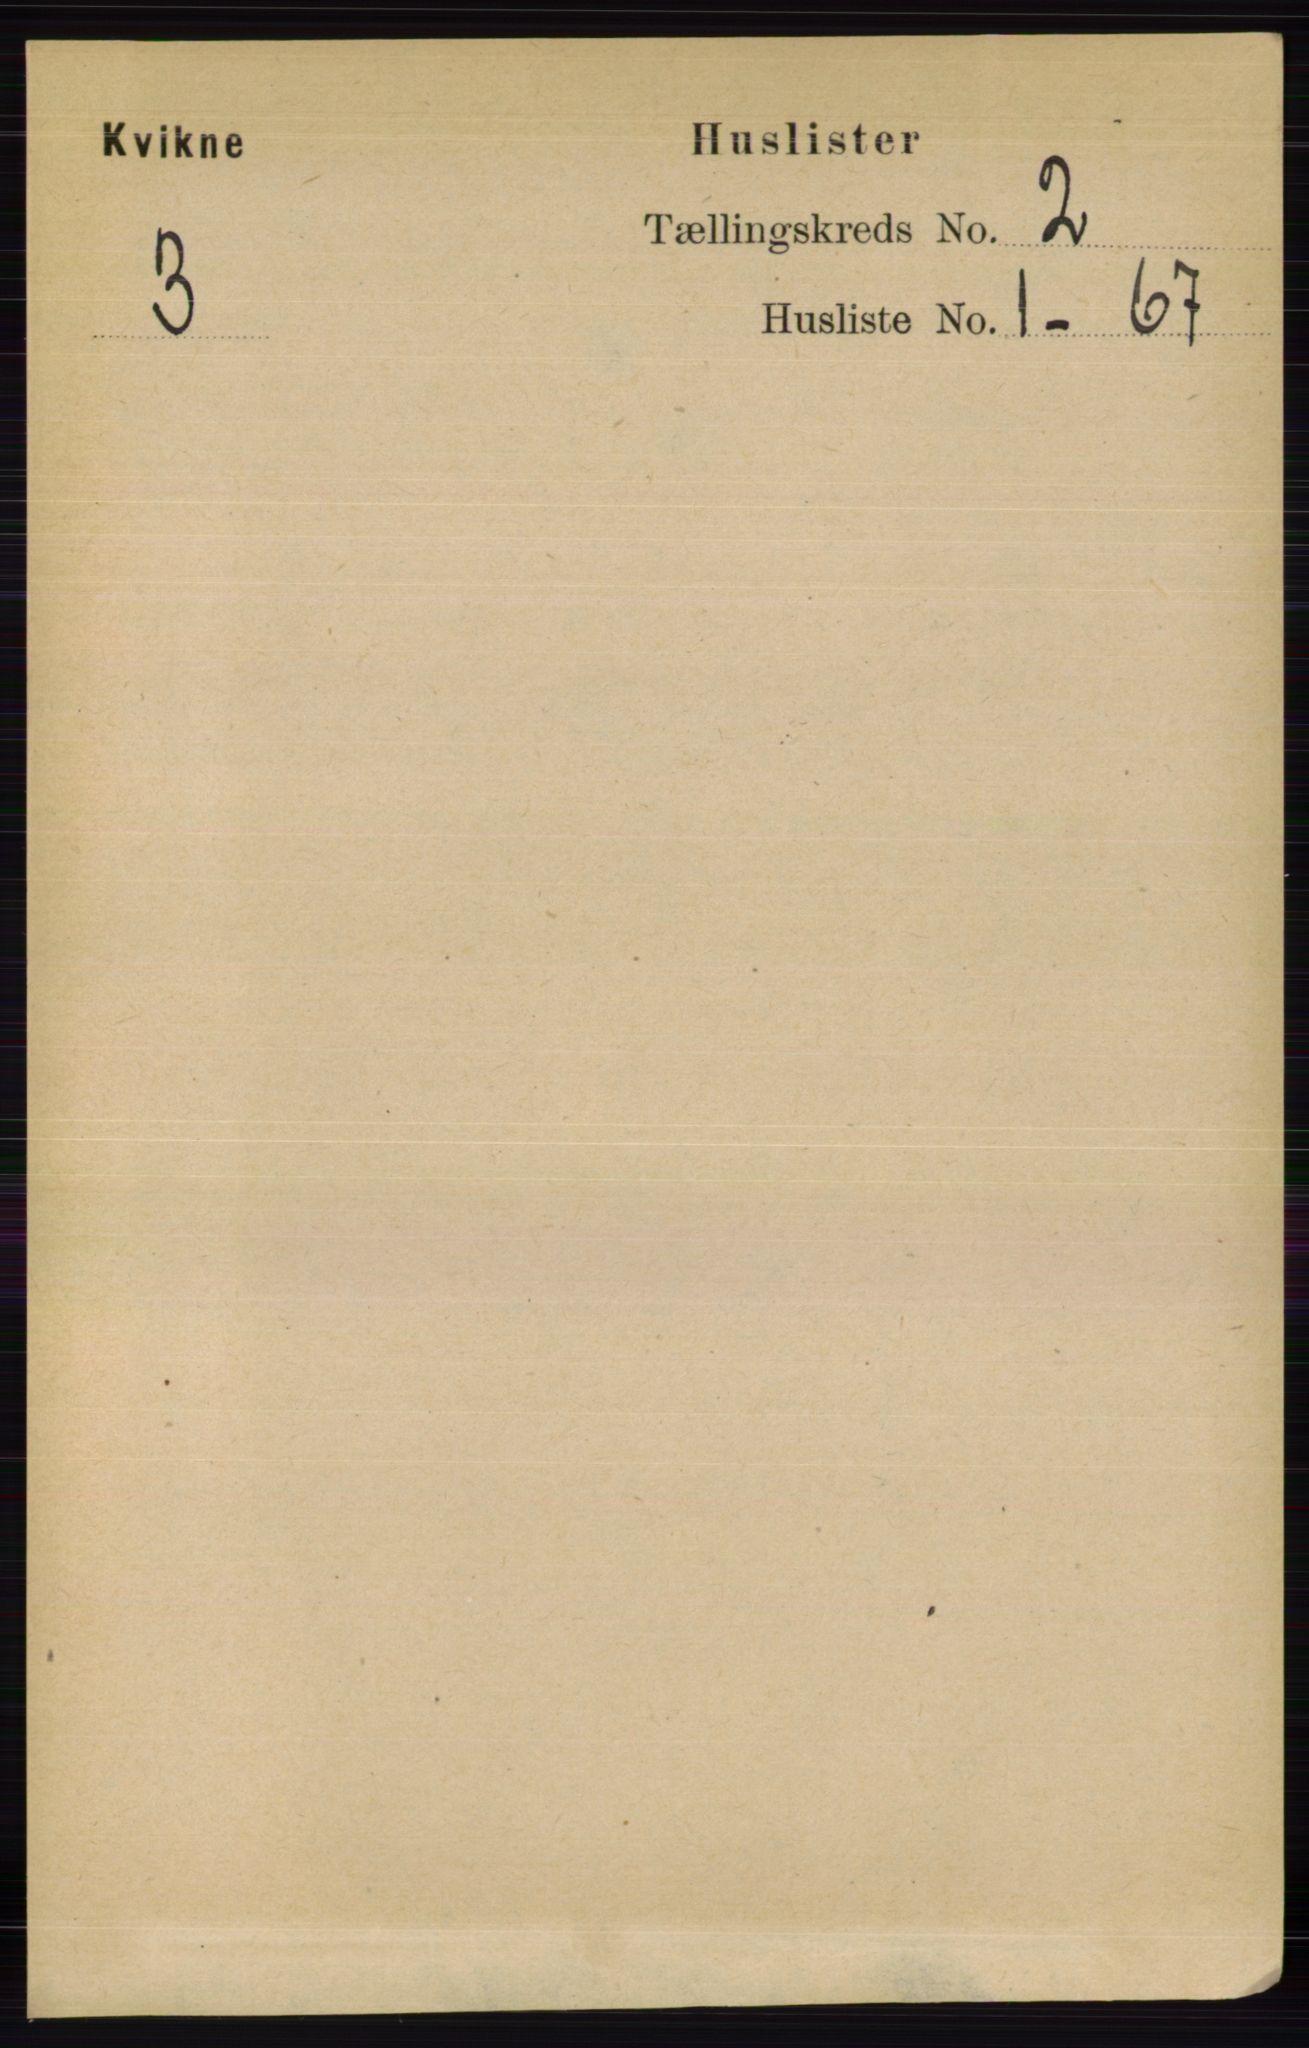 RA, Folketelling 1891 for 0440 Kvikne herred, 1891, s. 227